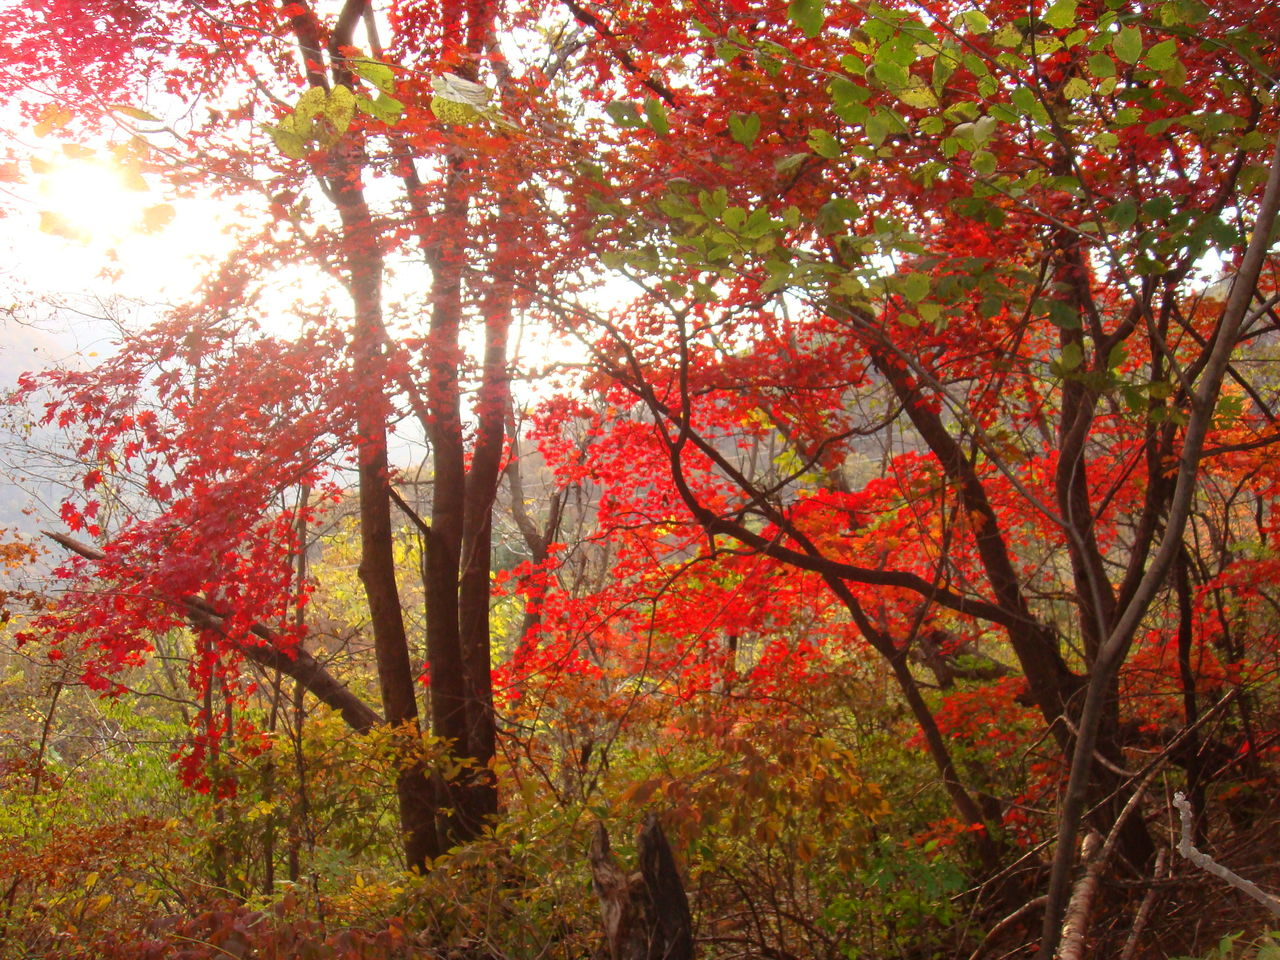 壁纸 枫叶 风景 红枫 树 1280_960